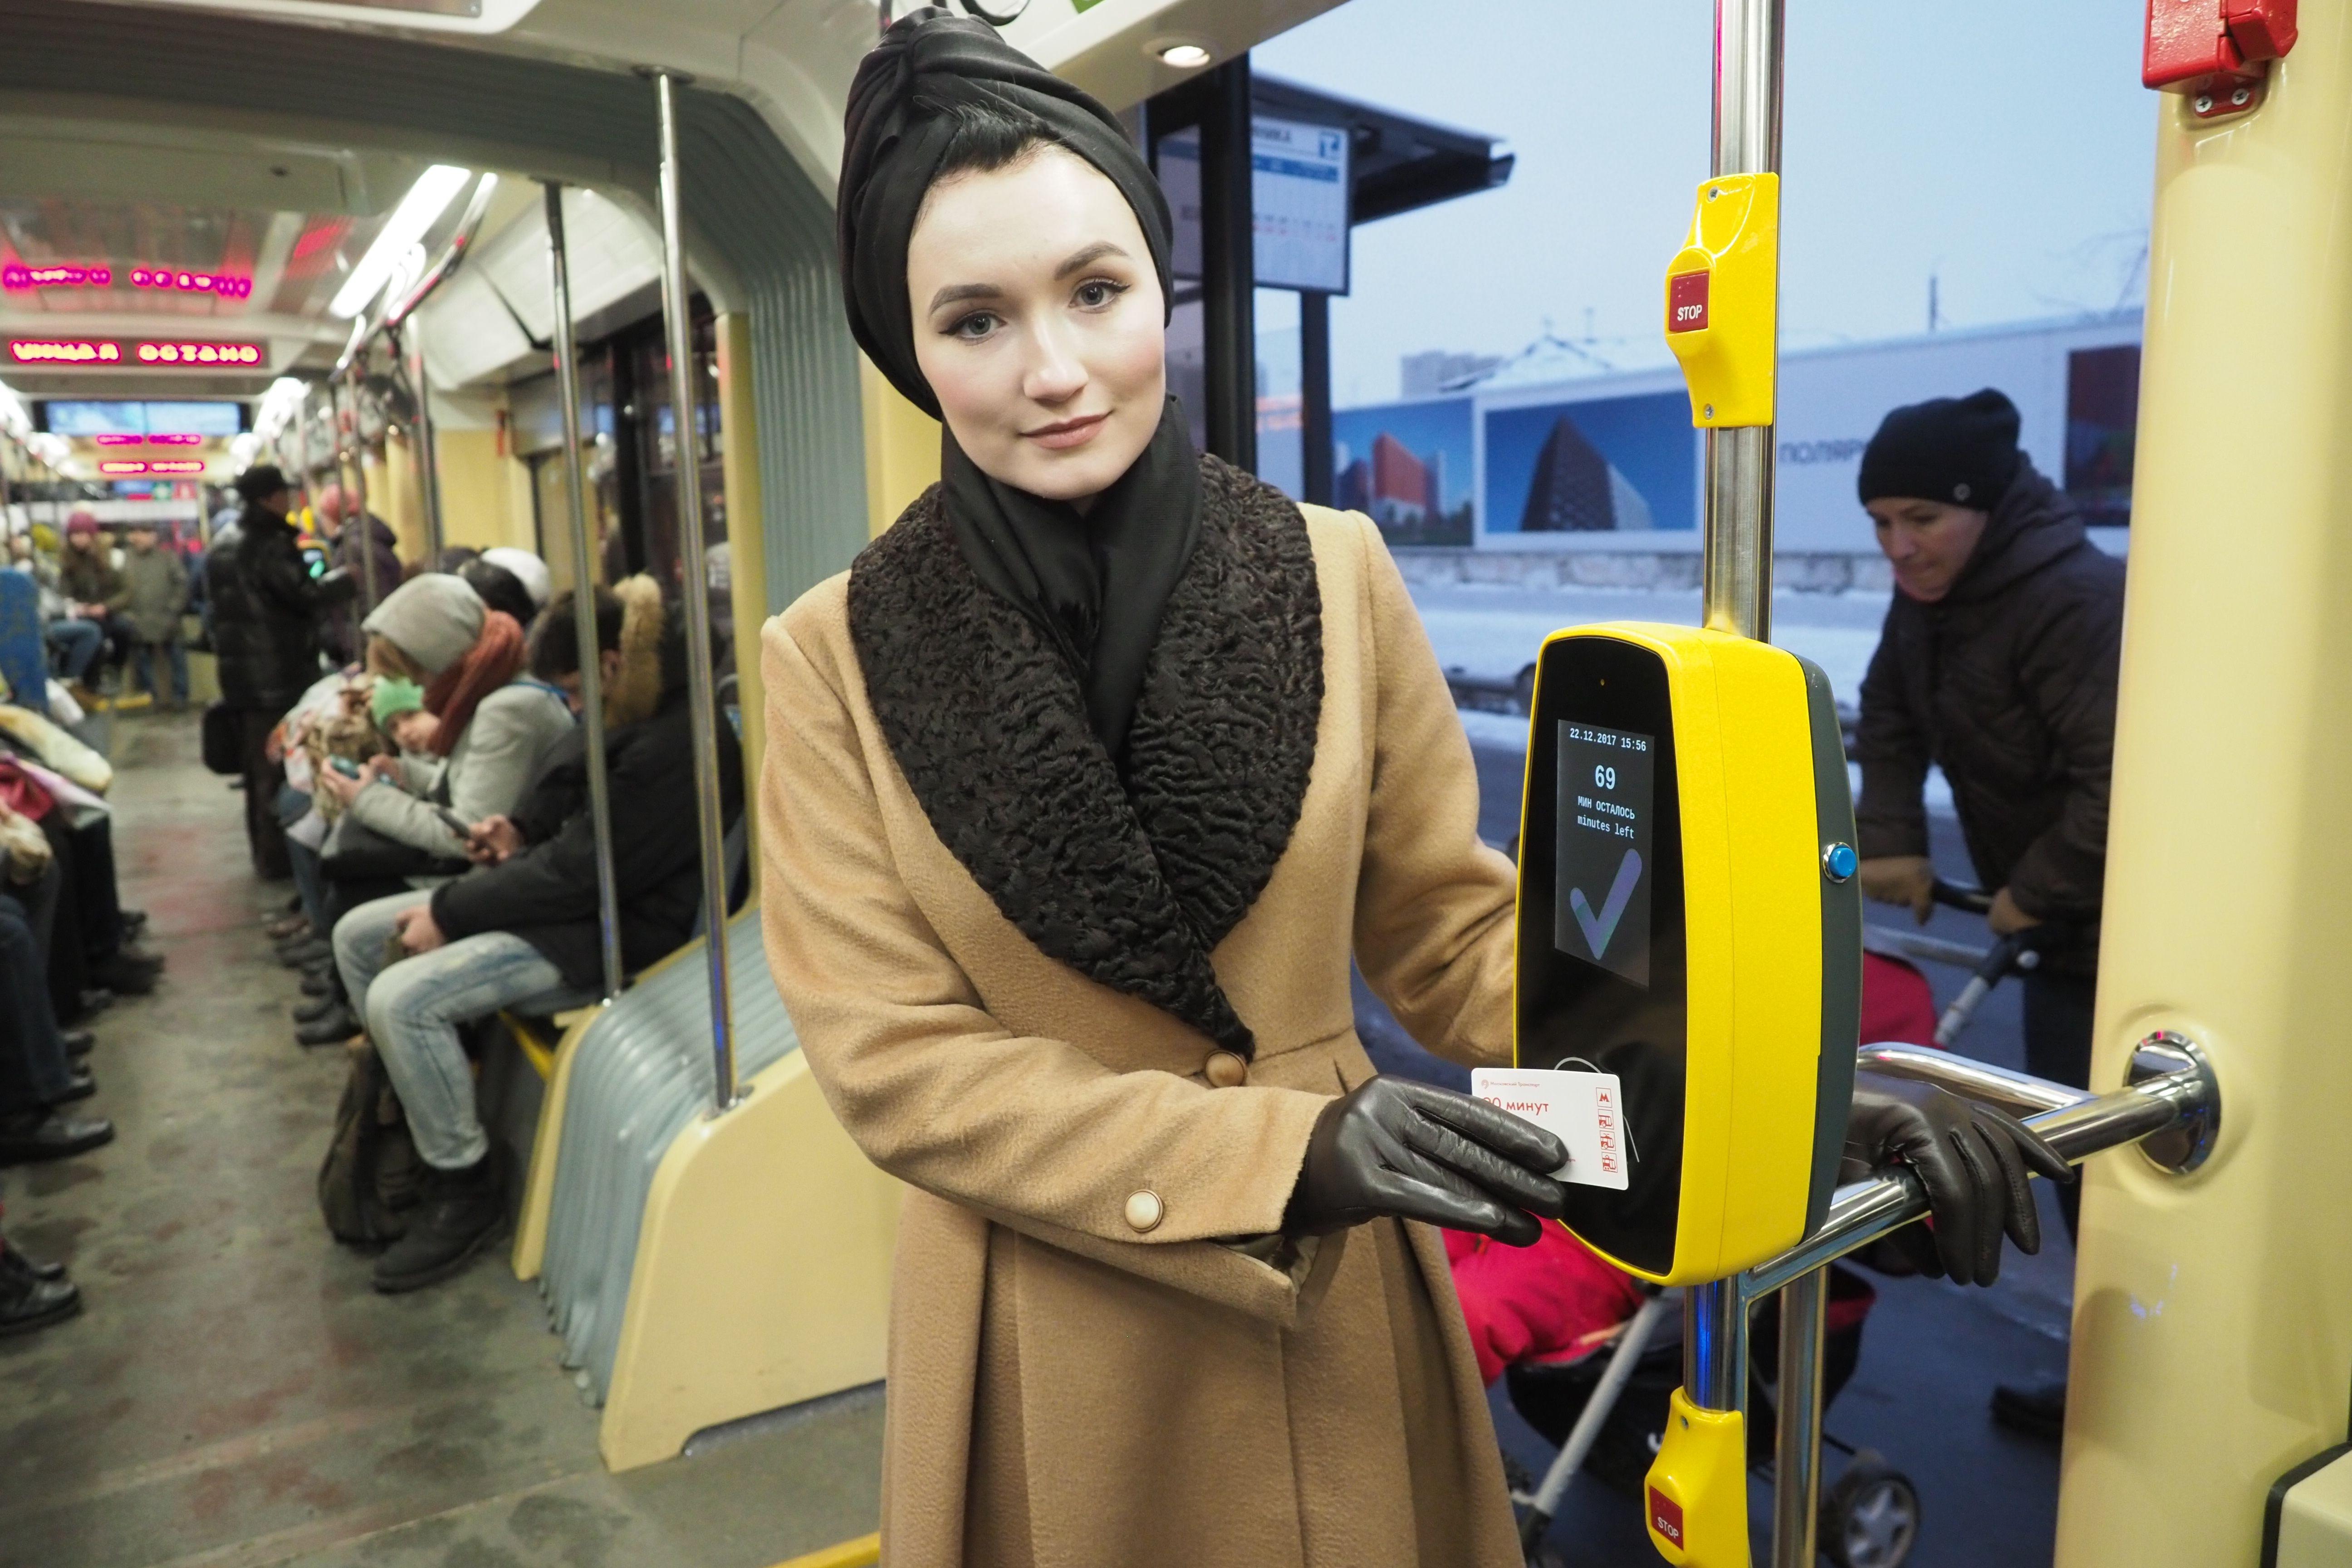 Специалисты предупредили о временном отключении Wi-Fi в наземном транспорте.Фото: архив, «Вечерняя Москва»